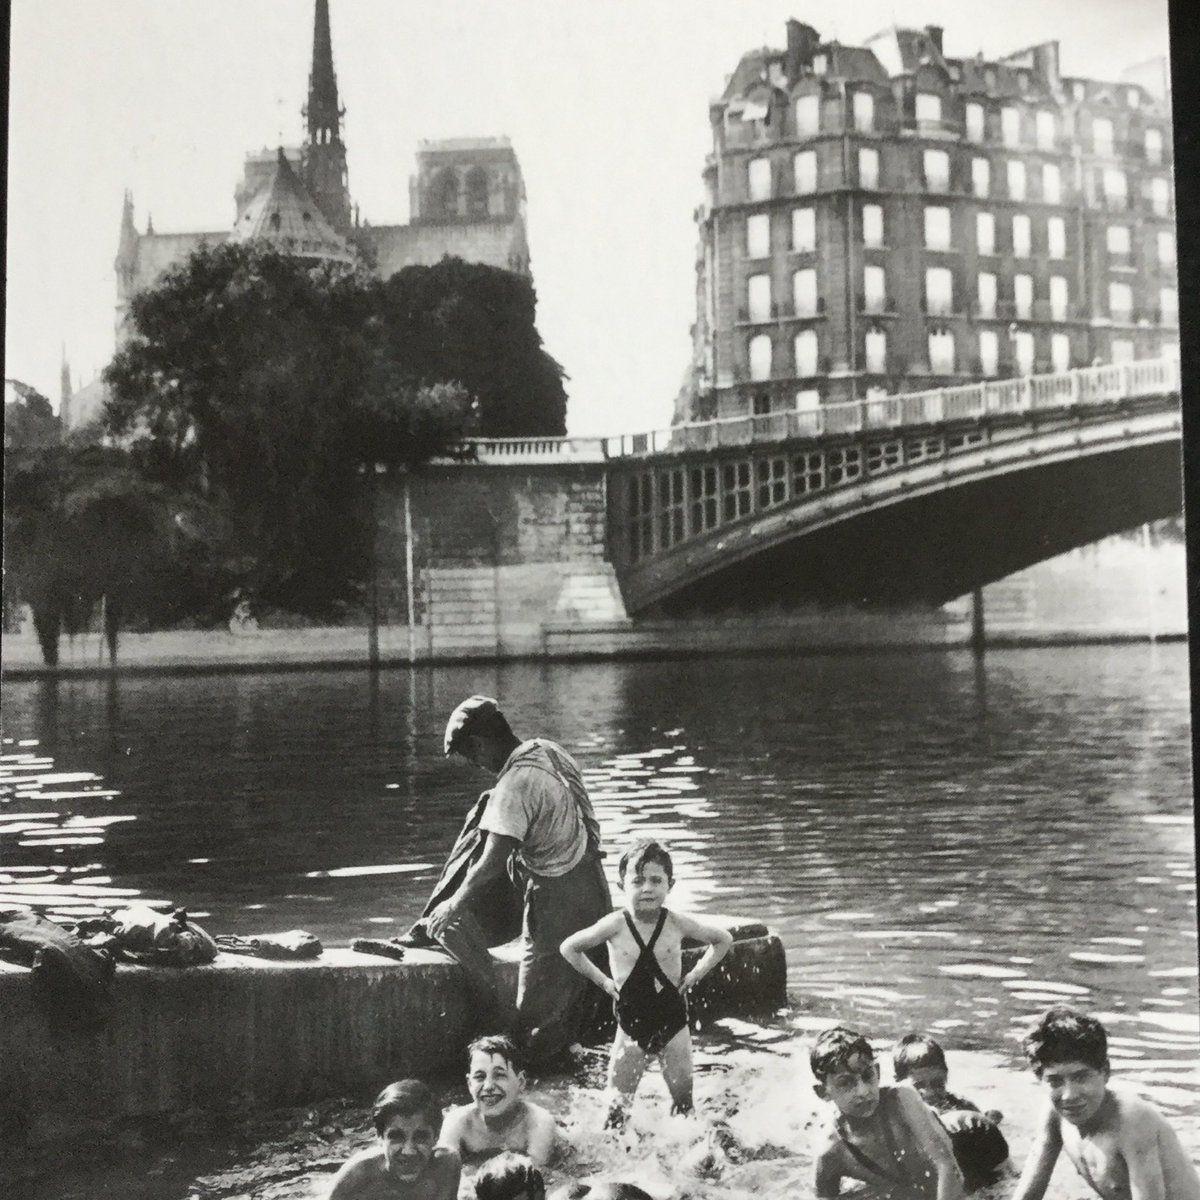 l'#IleDeLaCité @paris en 1937 ... @GammaRapho